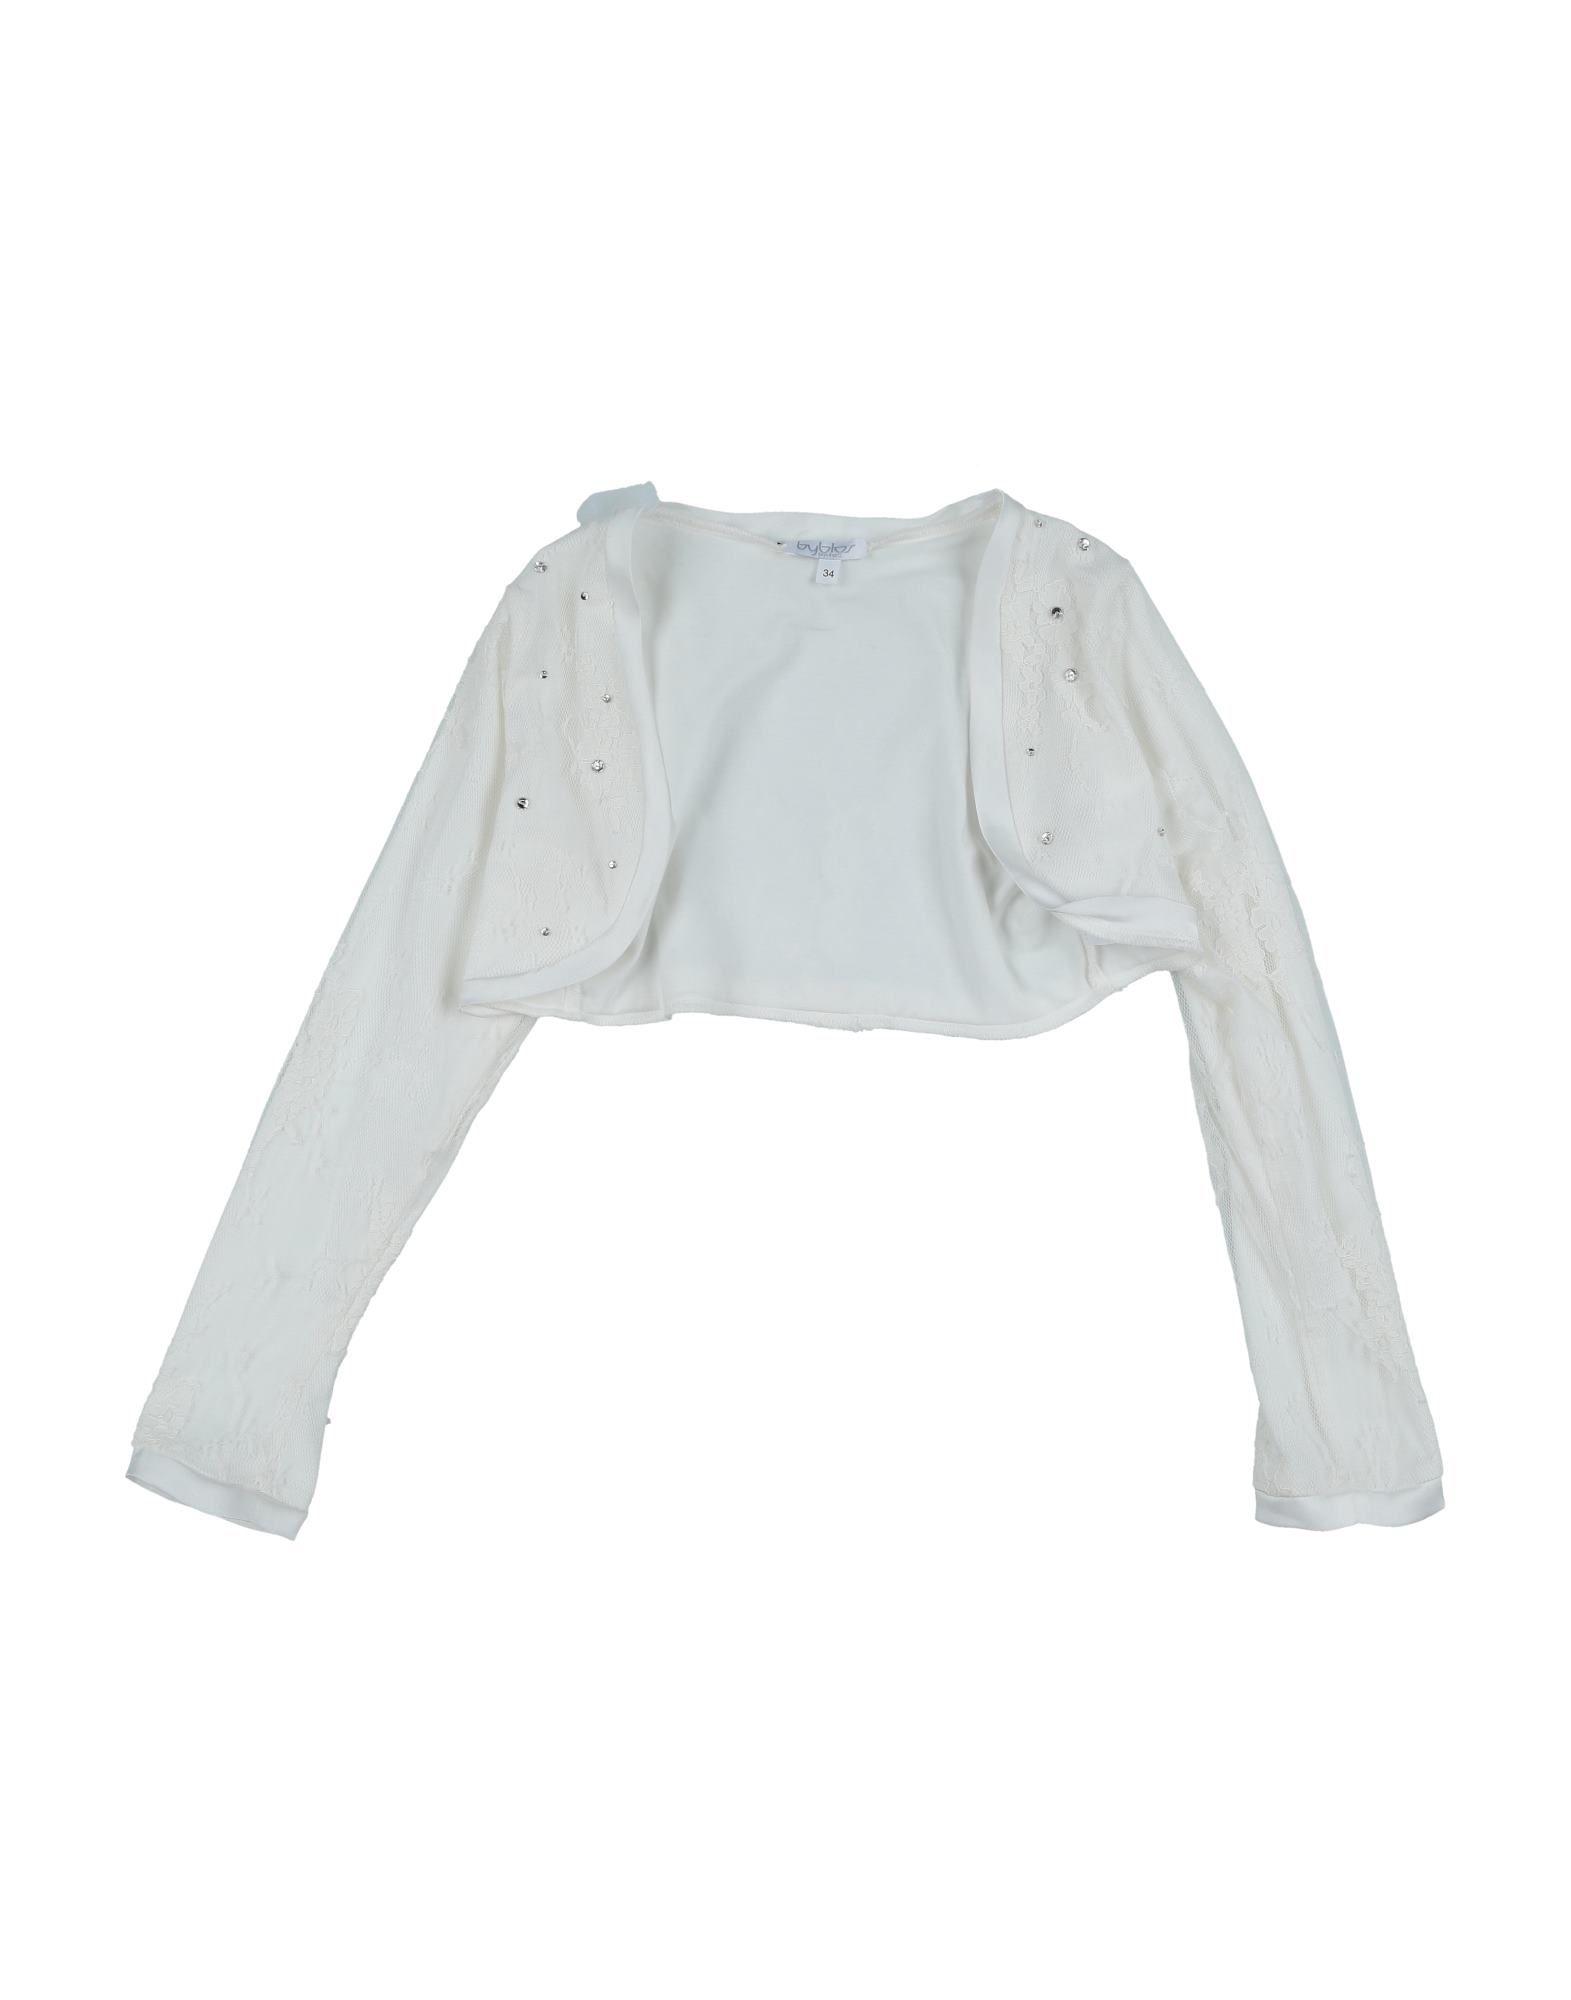 BYBLOS | BYBLOS Wrap Cardigans 39946994 | Goxip